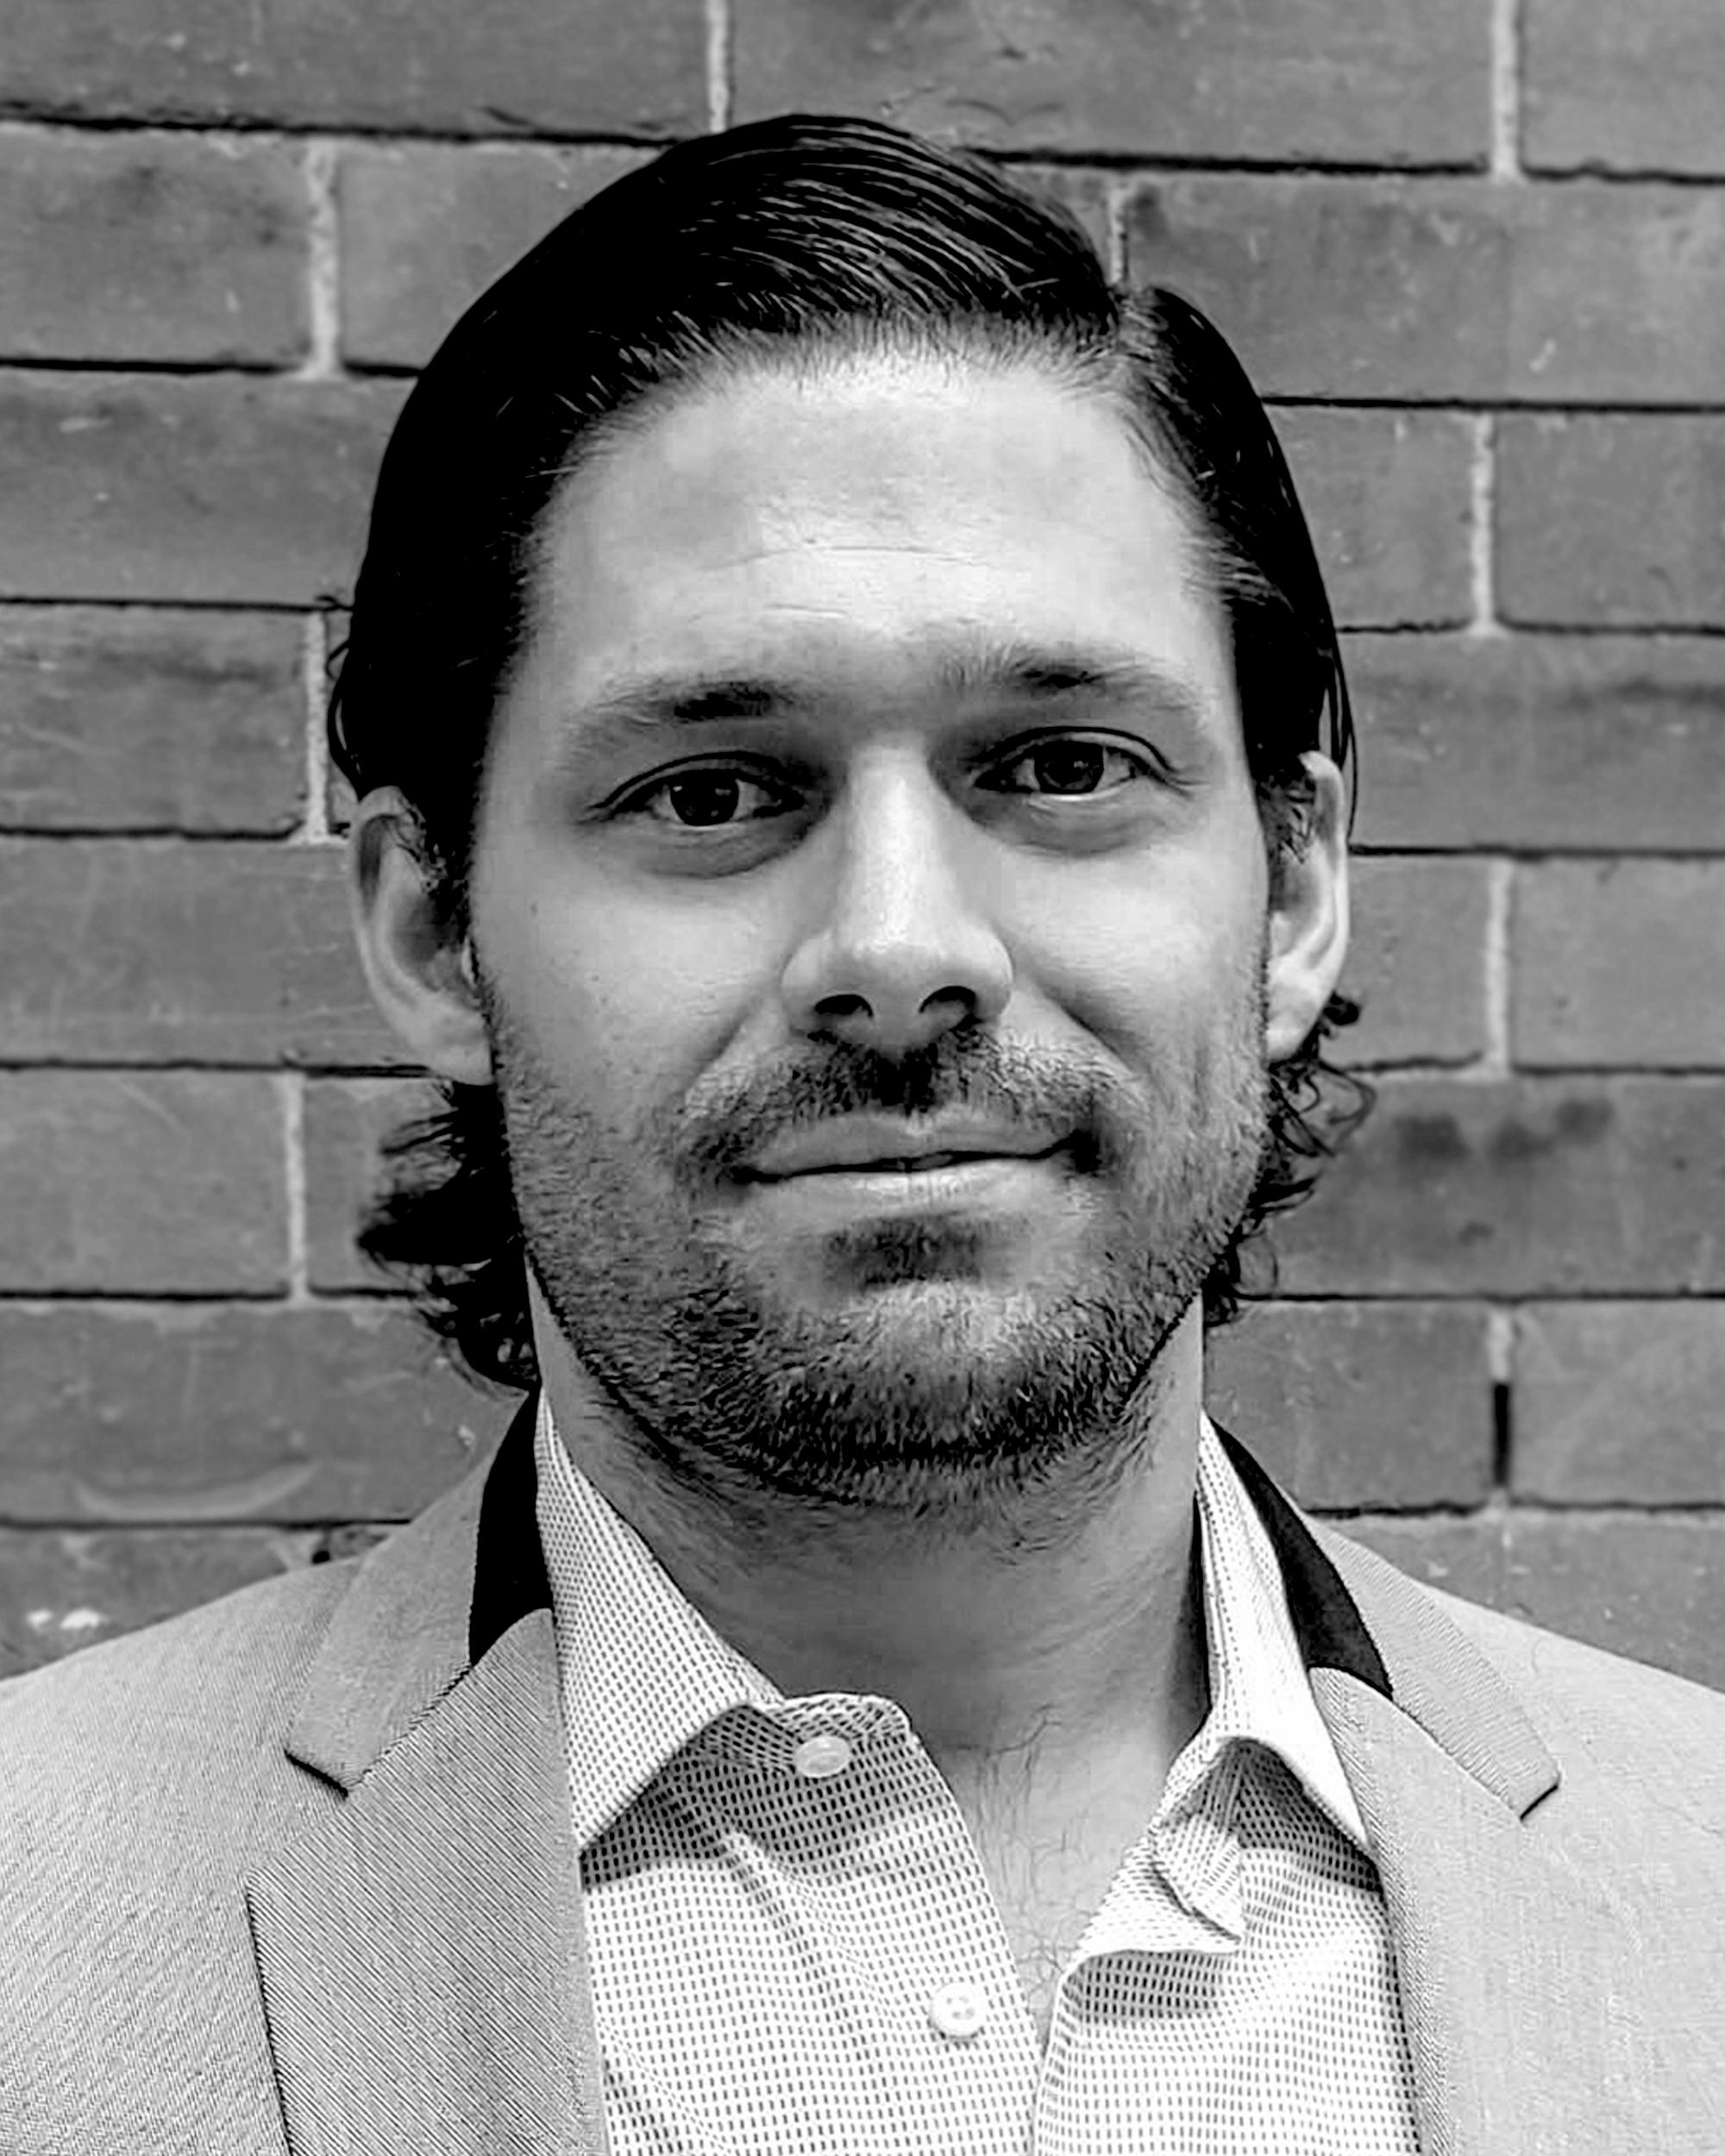 Headshot of Diego García